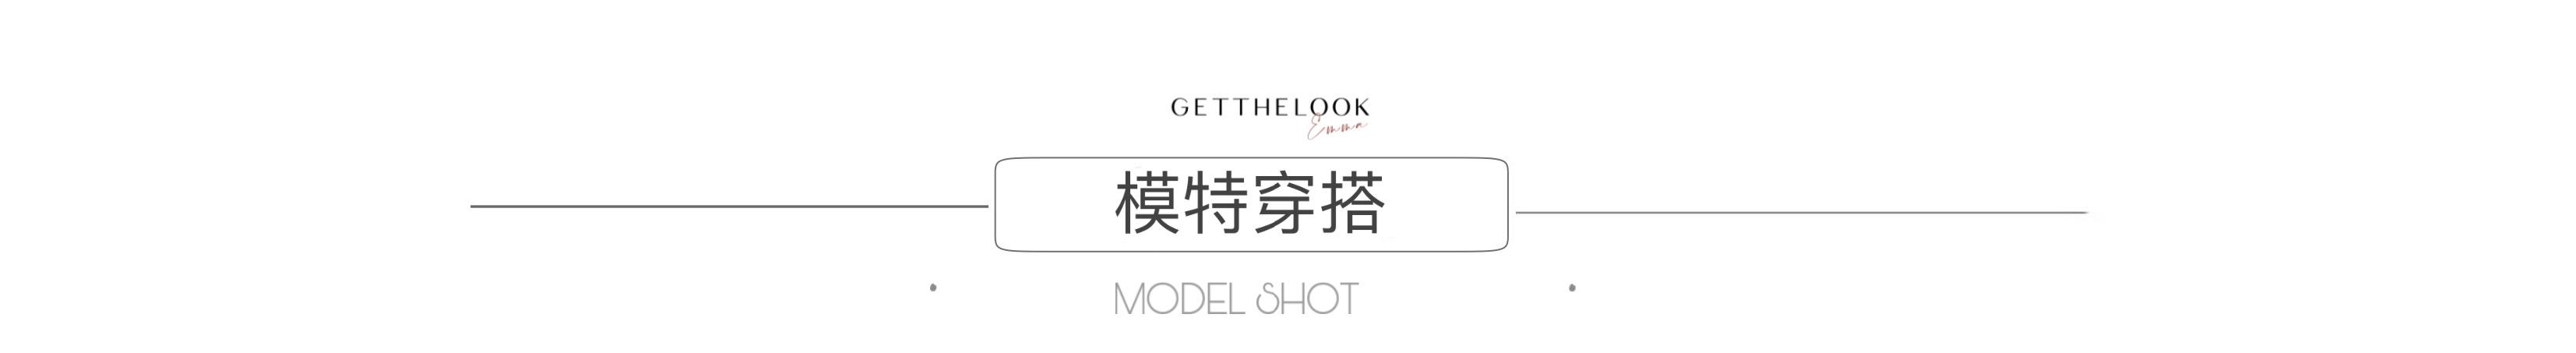 MODEL SHOT.jpeg